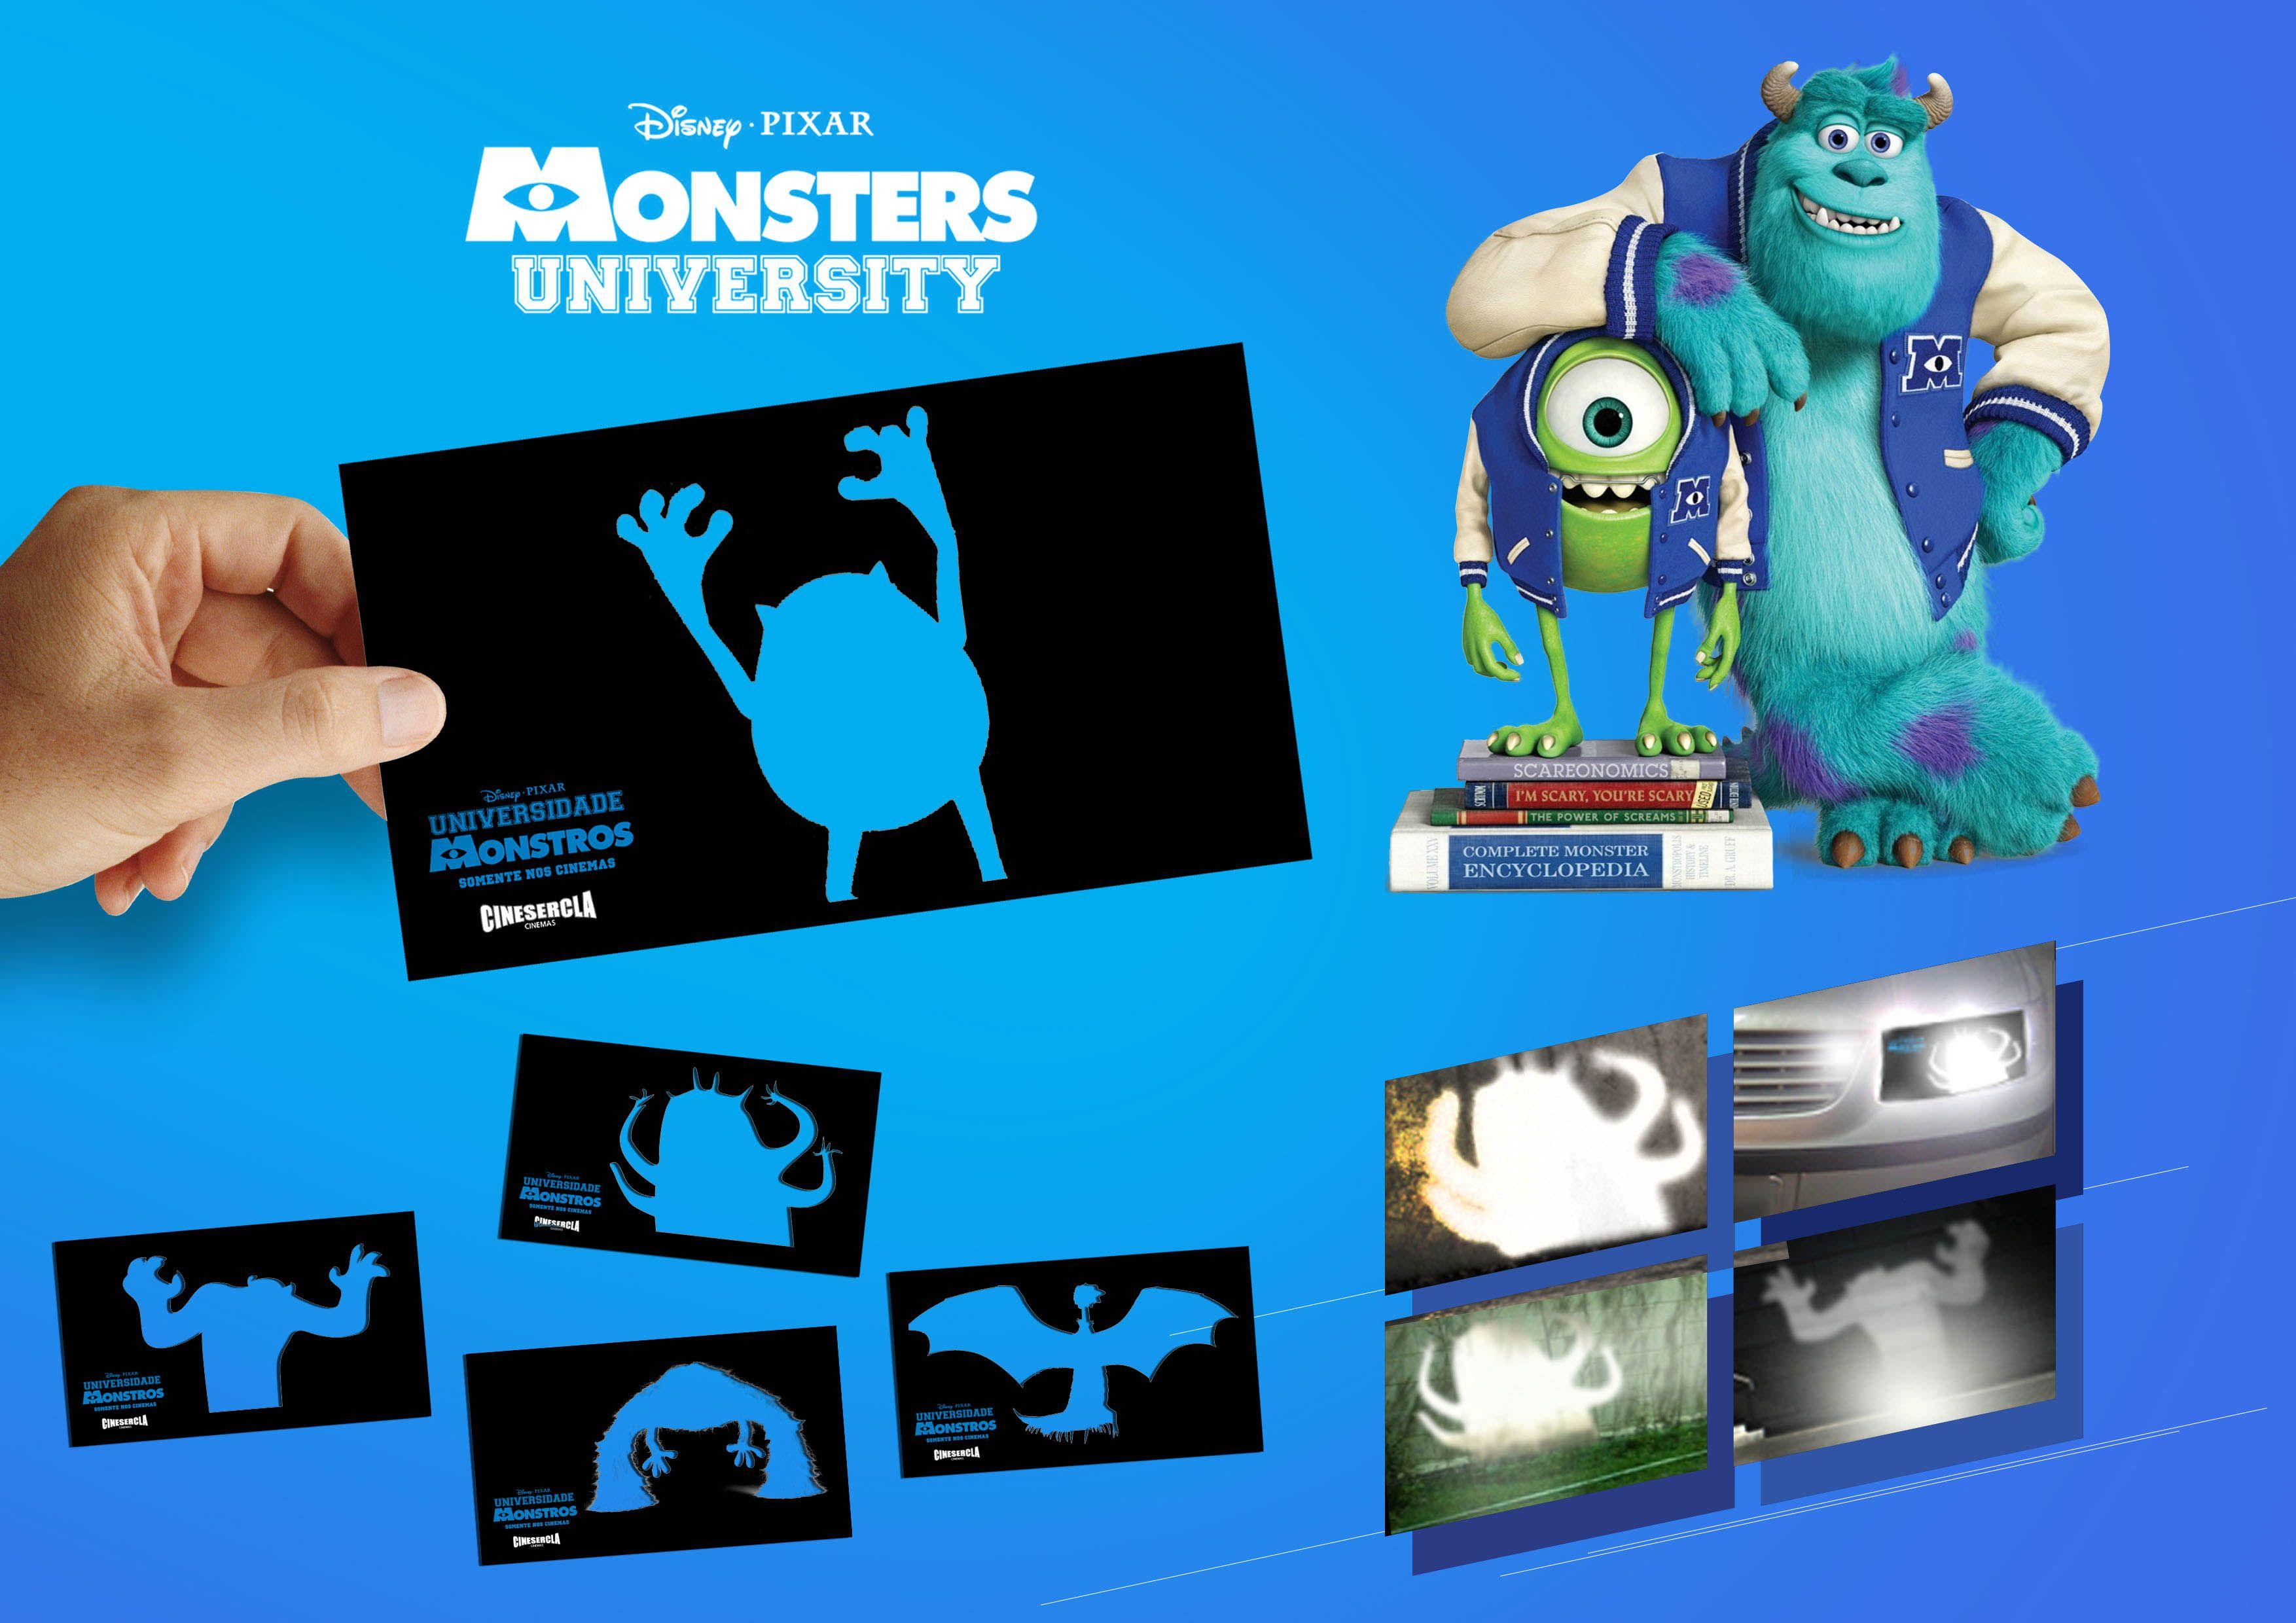 Que paja la idea de jugar con la luz para promocionar Disney Pixar ...